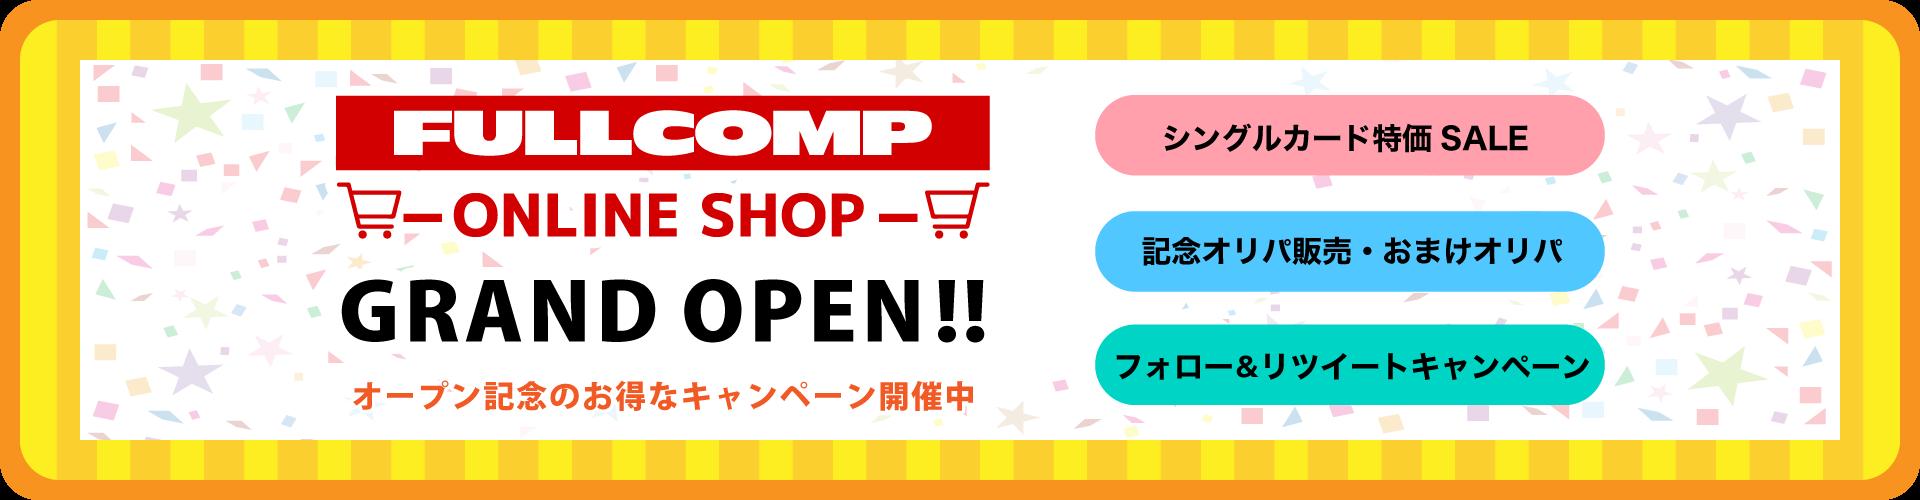 フルコンプ-ONLINE SHOP-